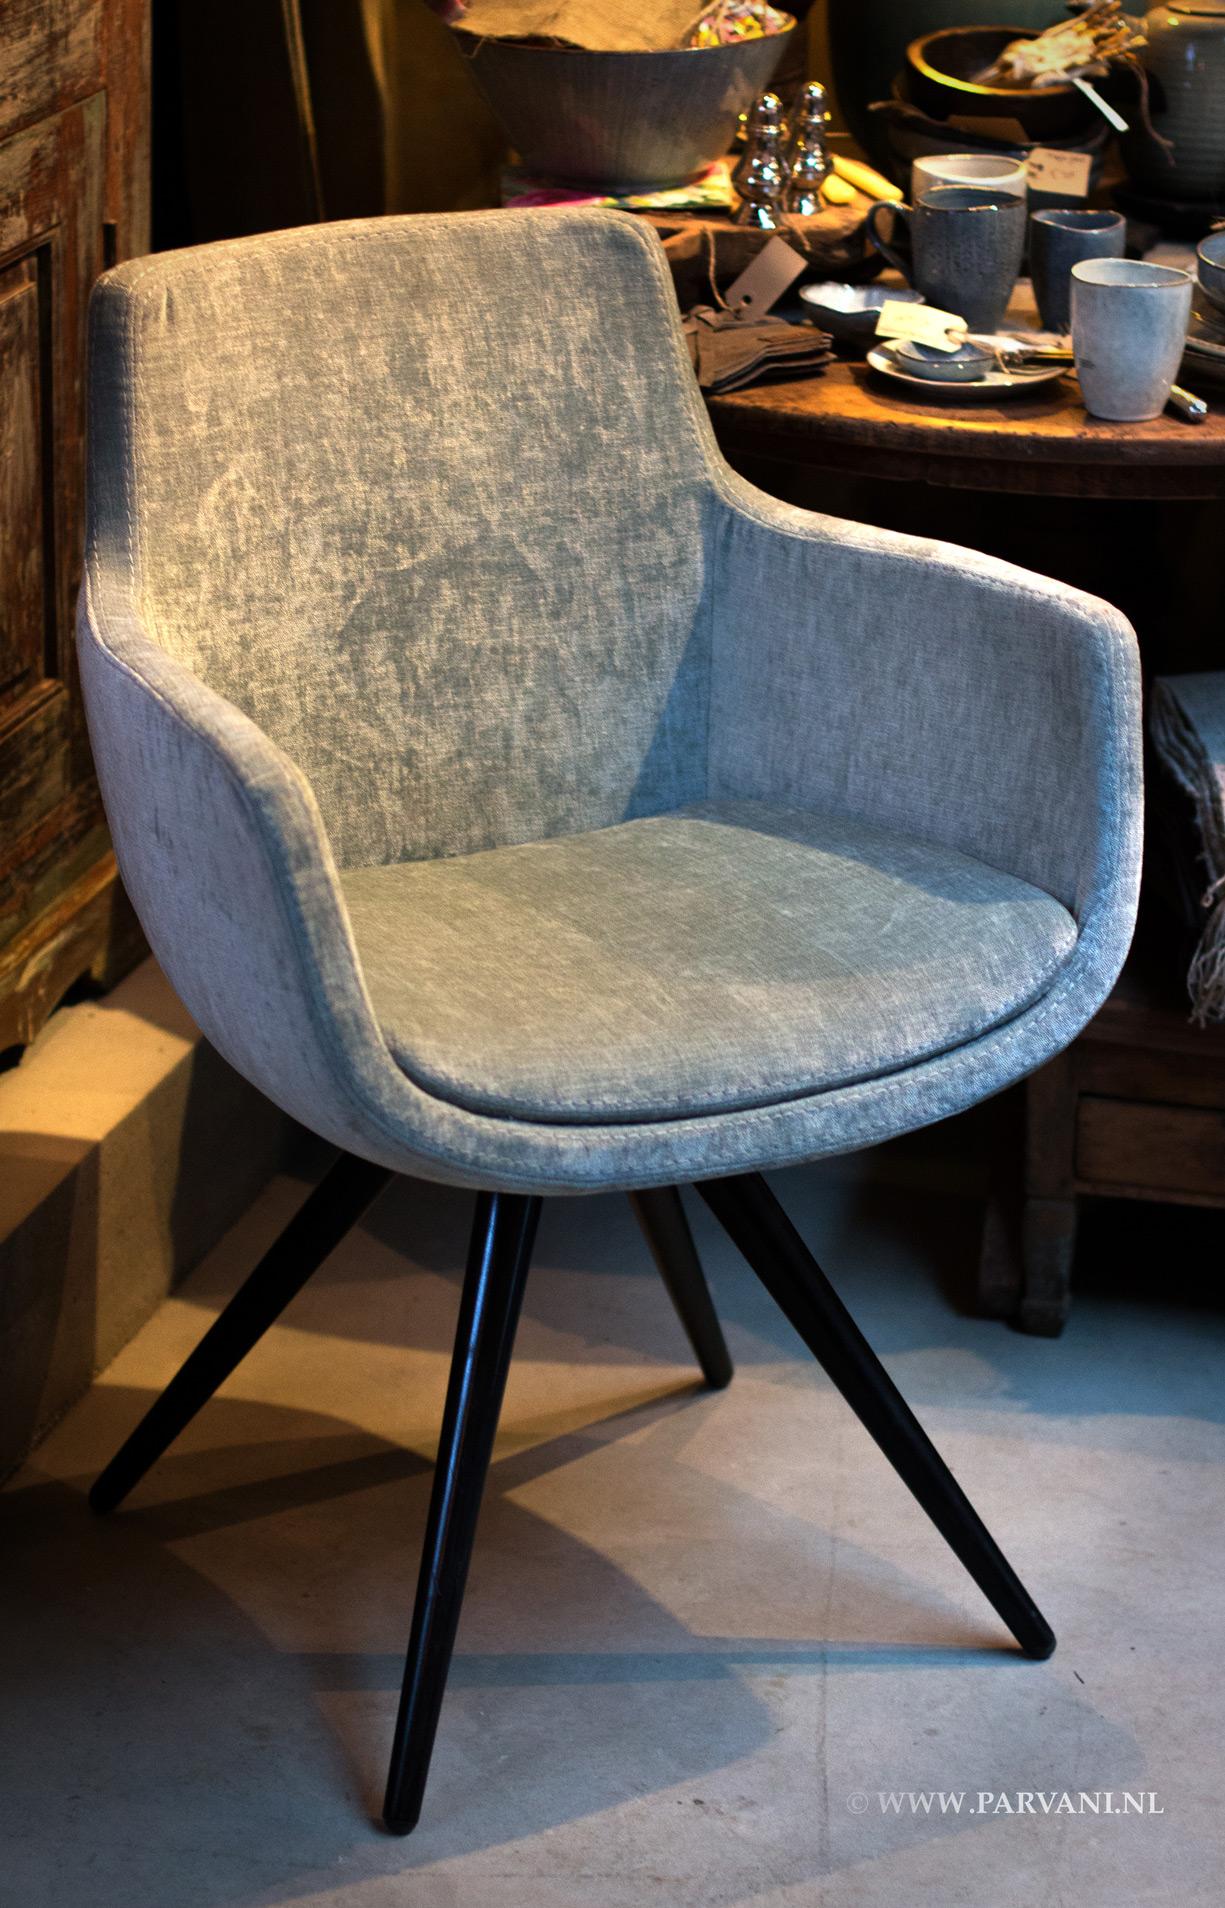 Parvani stoelen banken for Kuipstoel fauteuil